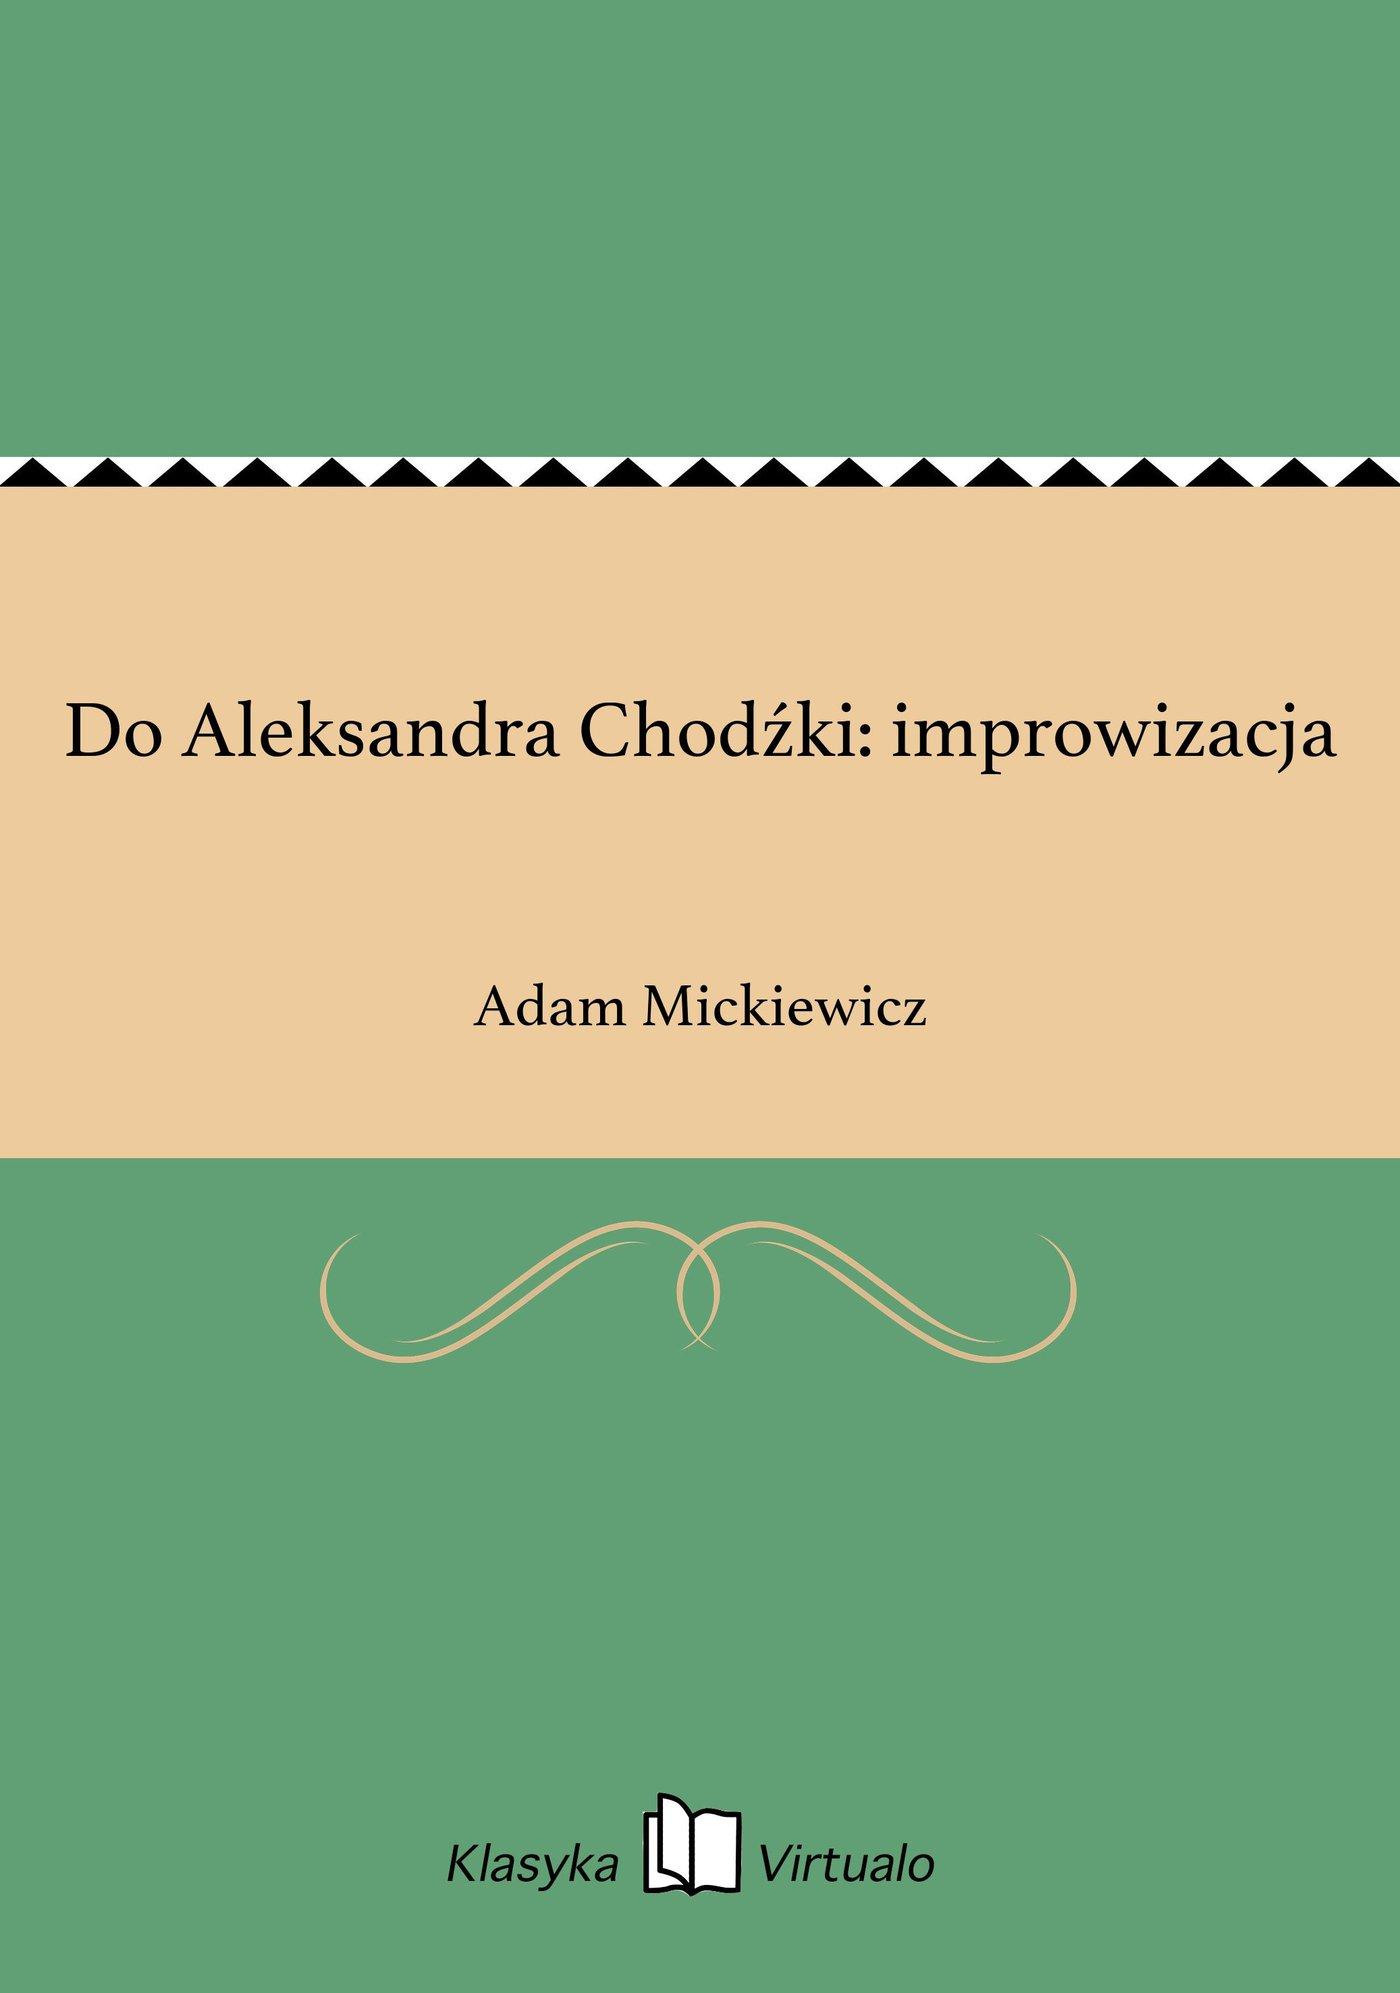 Do Aleksandra Chodźki: improwizacja - Ebook (Książka EPUB) do pobrania w formacie EPUB